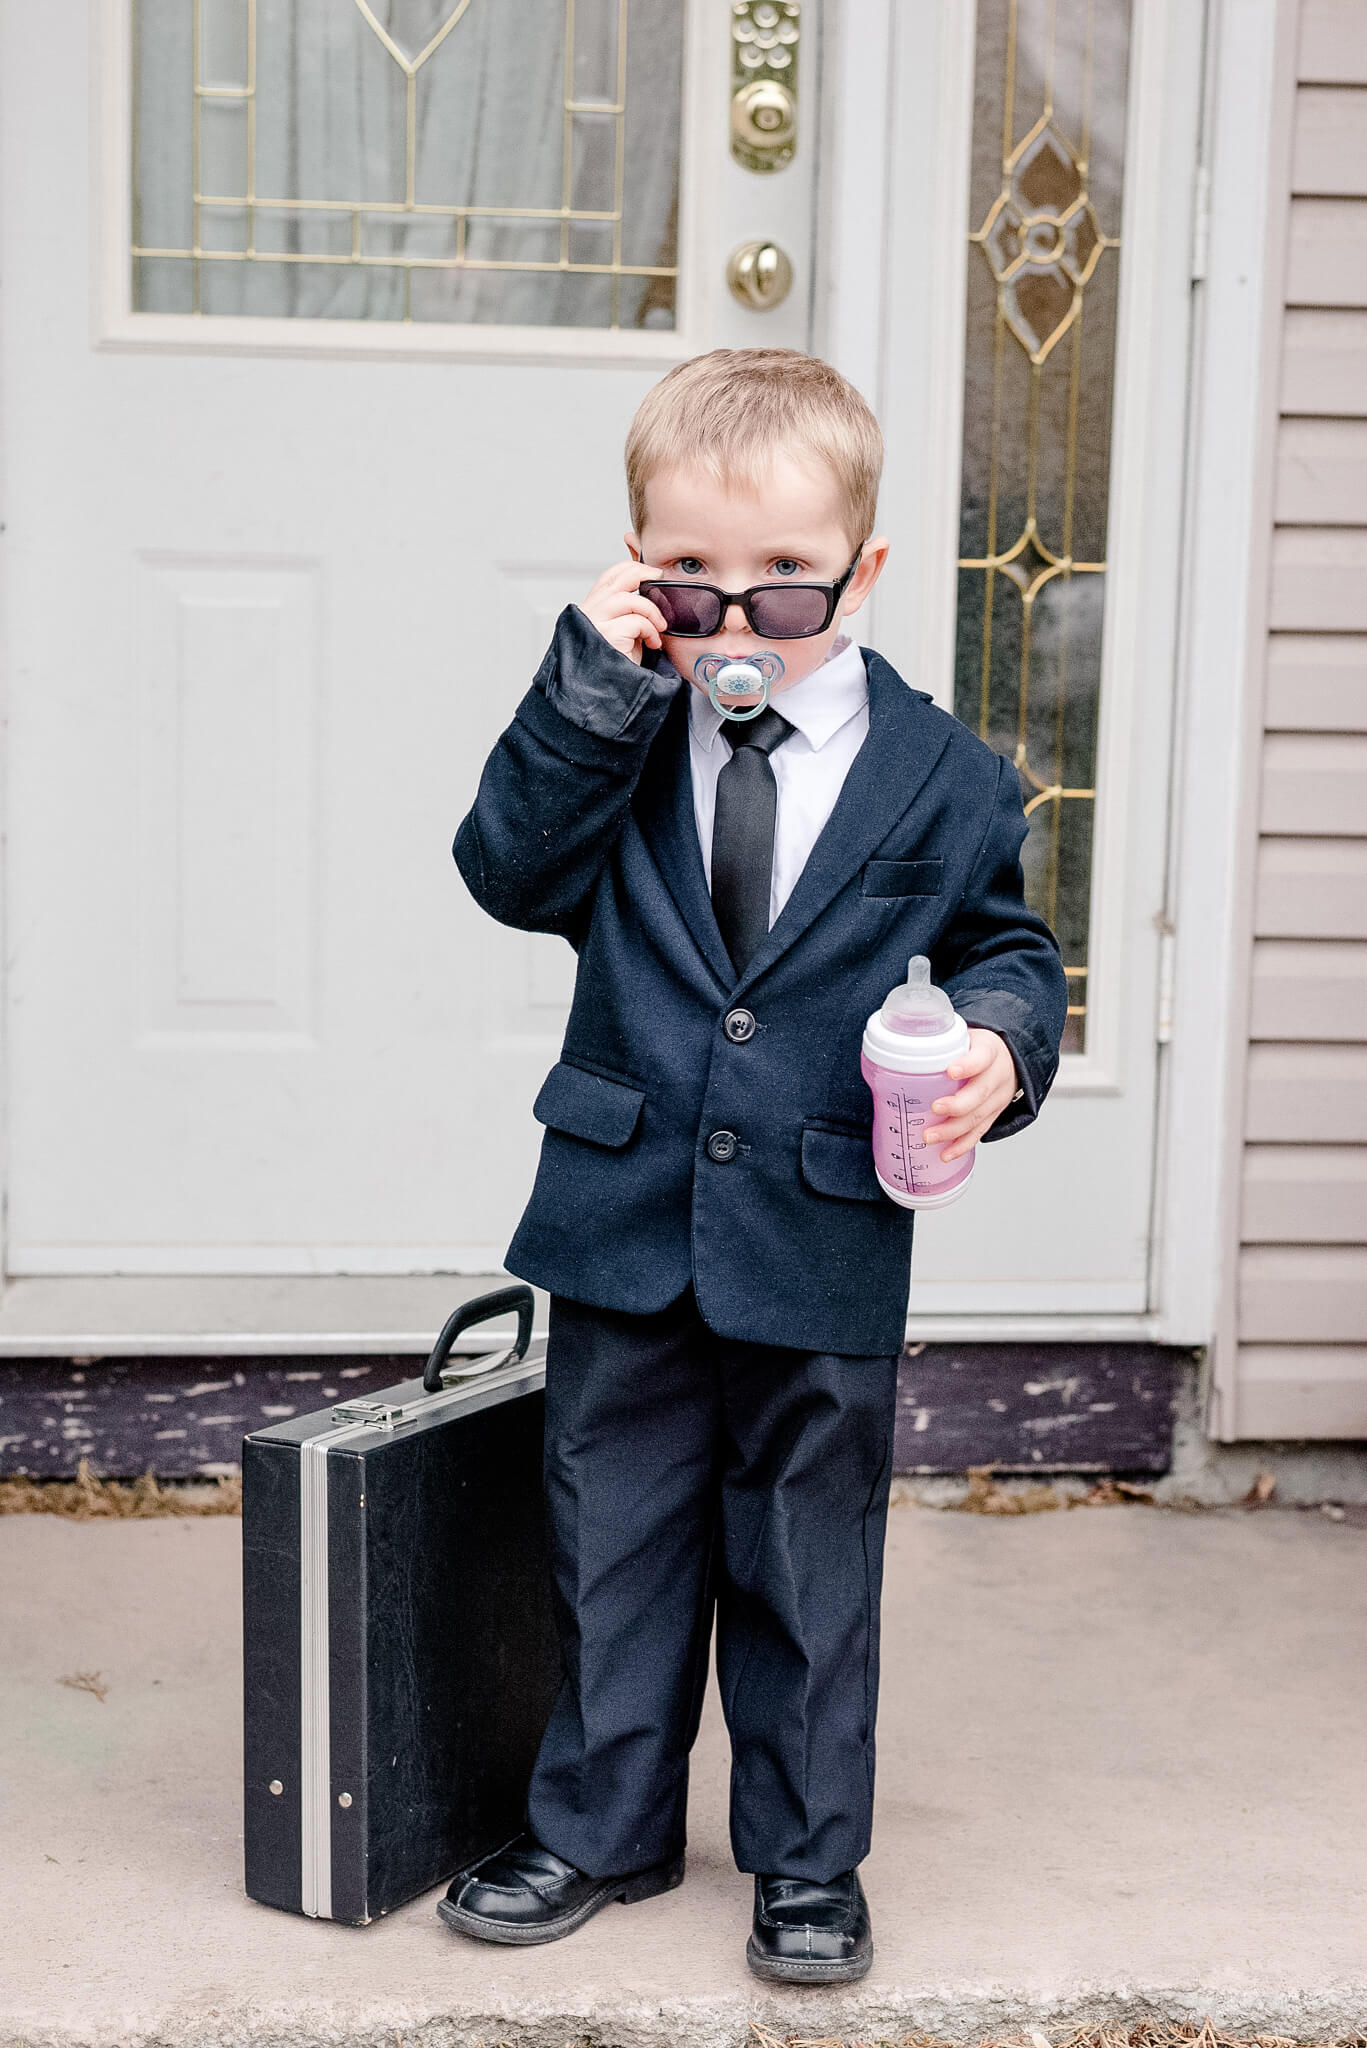 Little boy dressed as Boss Baby